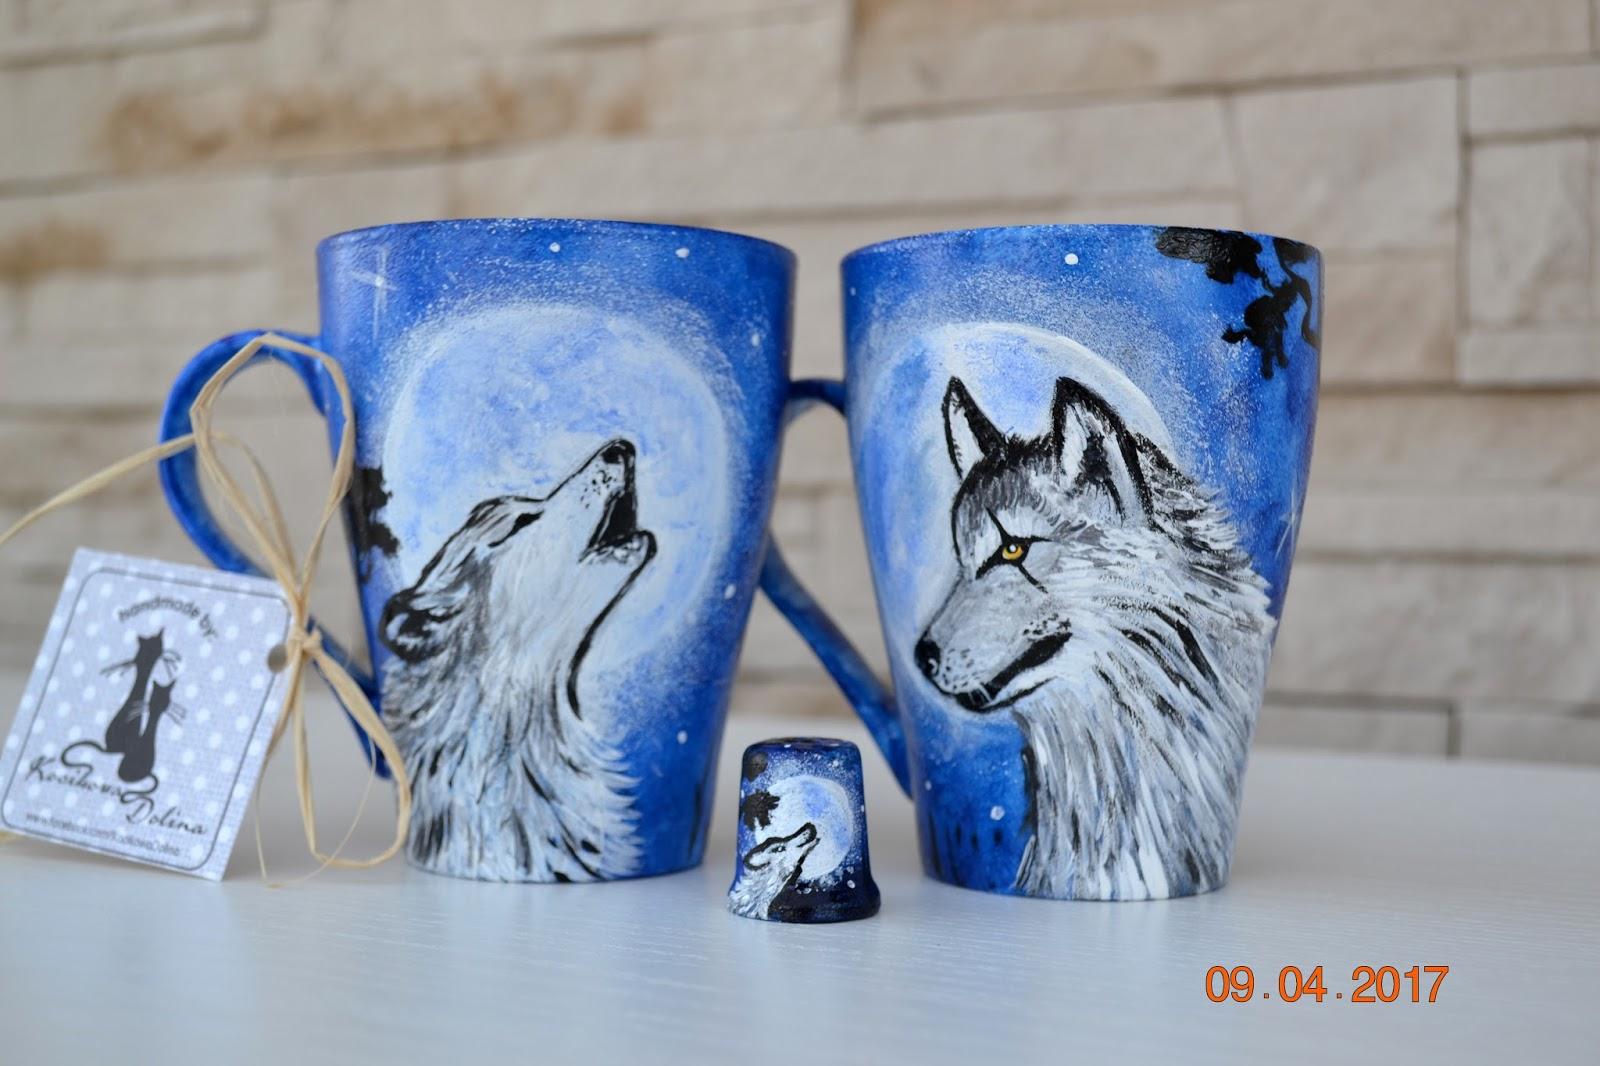 O uważności, Joannie i kubki z wilkami